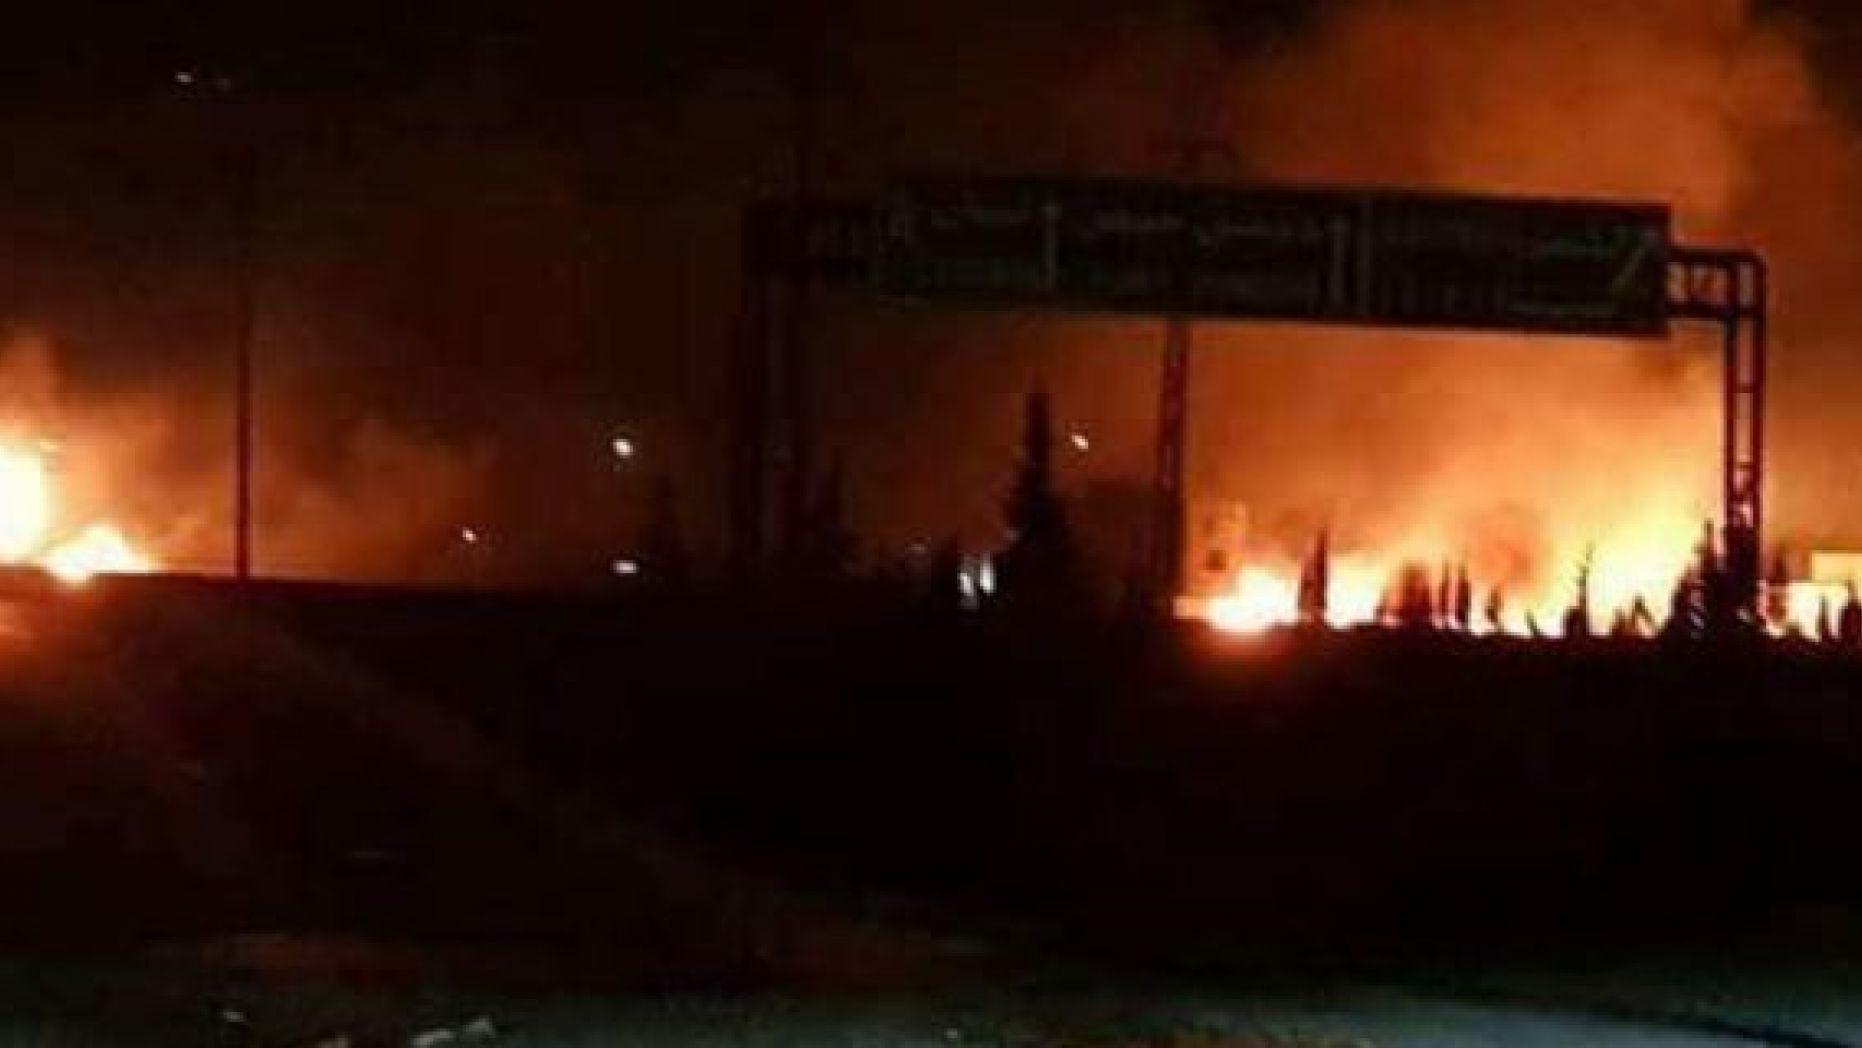 صور من الأقمار الصناعية تظهر حادثة مثيرة في القصف الإسرائيلي الأخير على دمشق